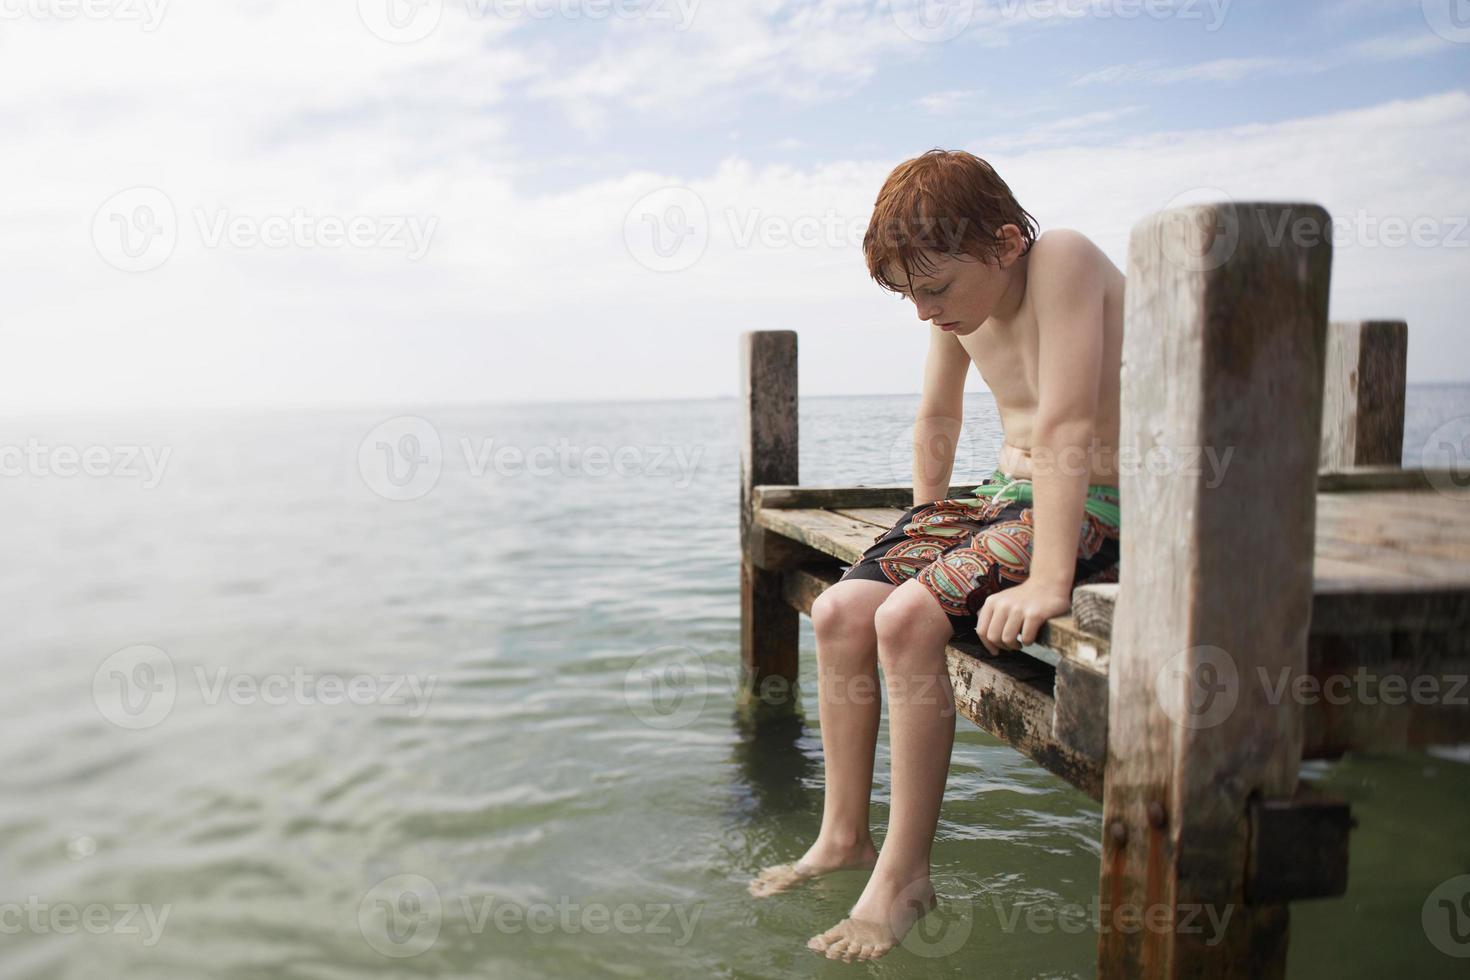 menino pré-adolescente sentado no final do cais foto